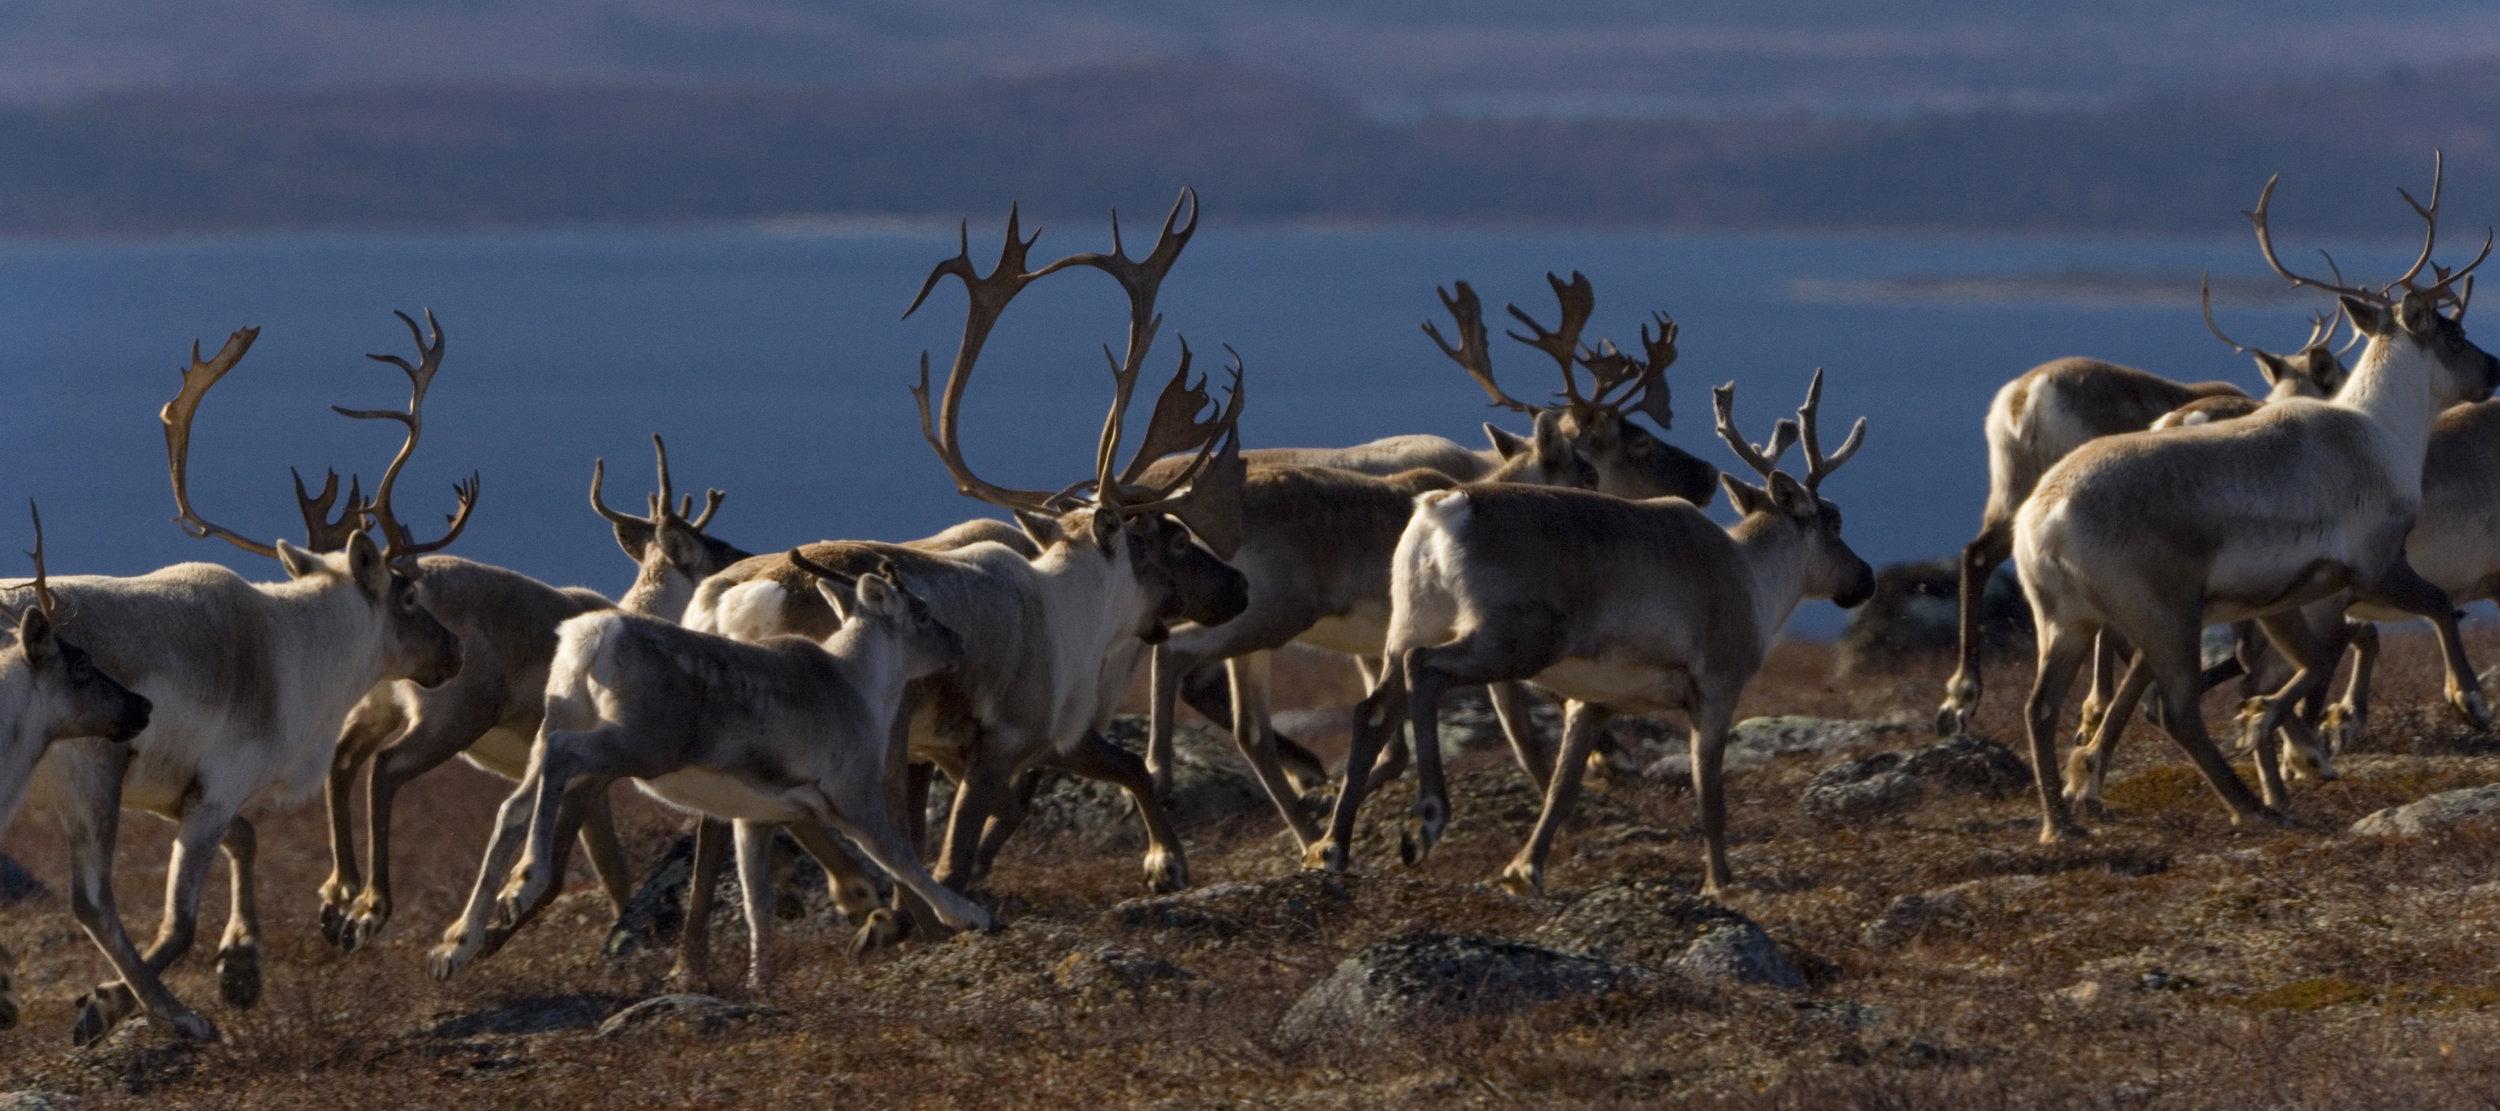 Image courtesy of WWF Canada.